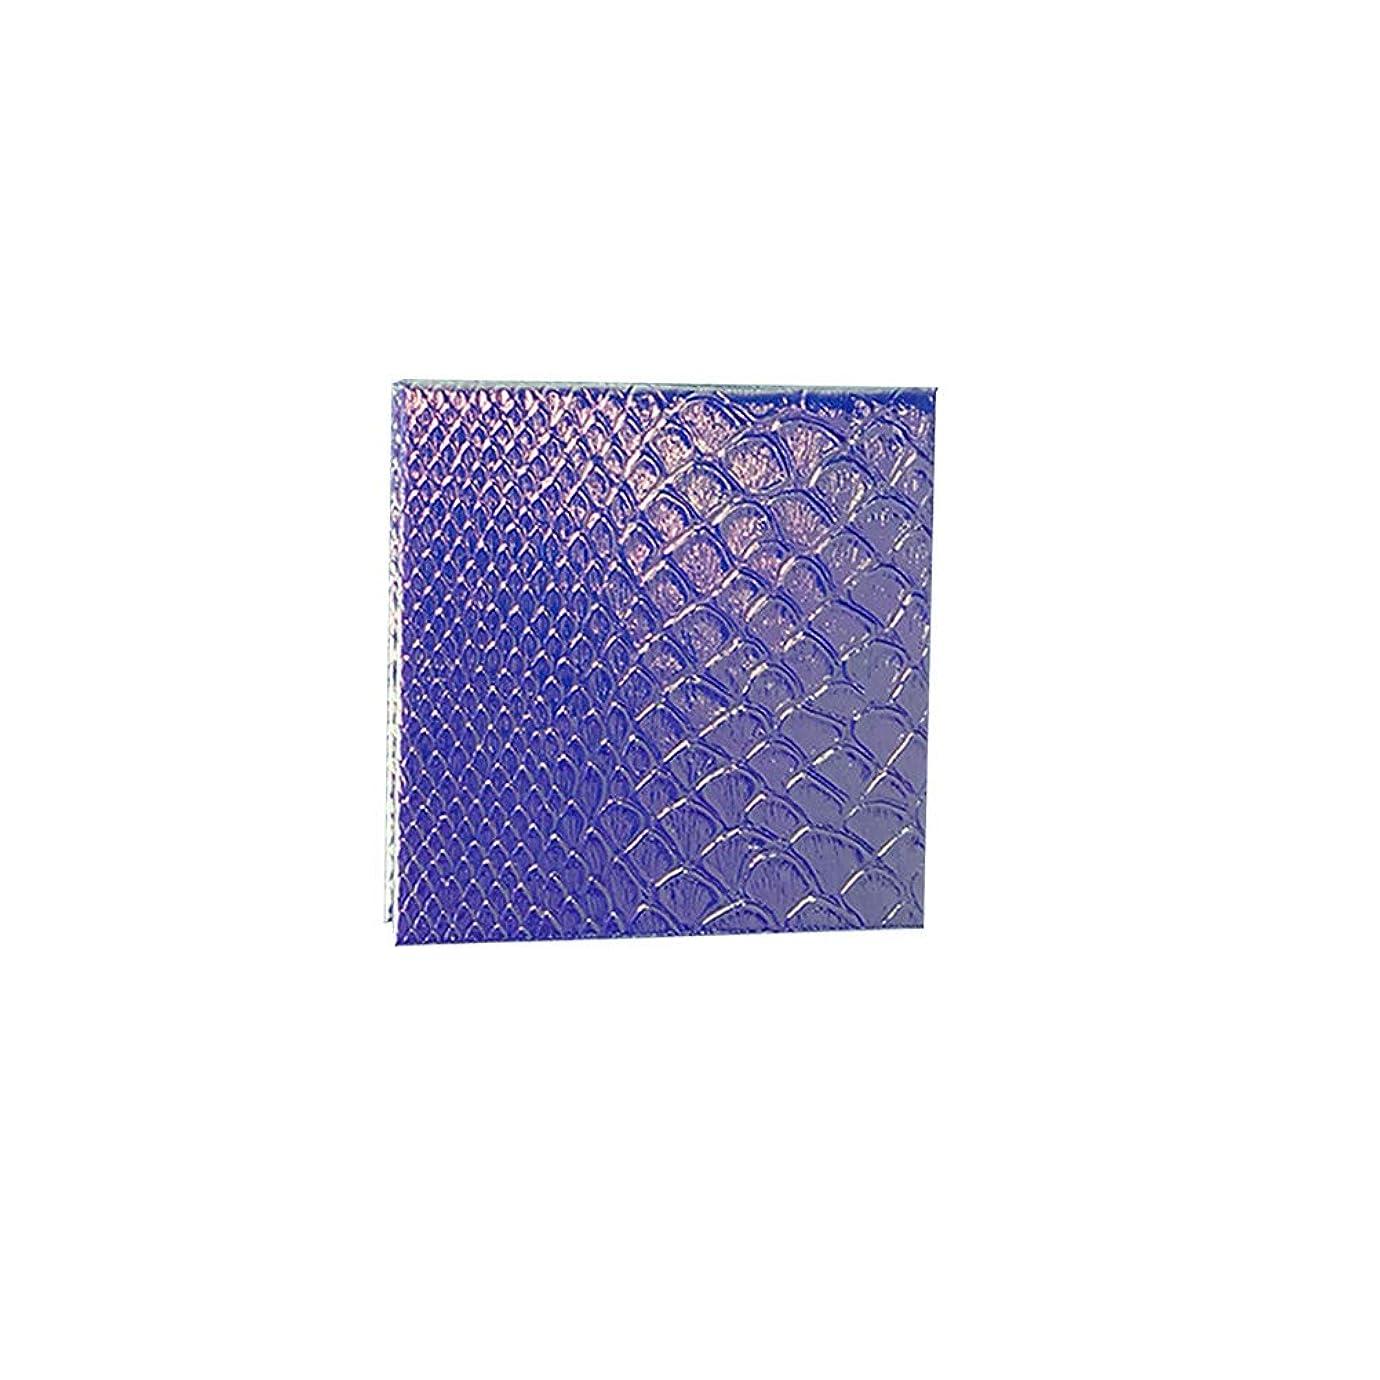 難しい広まったハント空の化粧アイシャドーパレット磁気空パレット接着剤空のパレット金属ステッカー空のパレットキット(S)